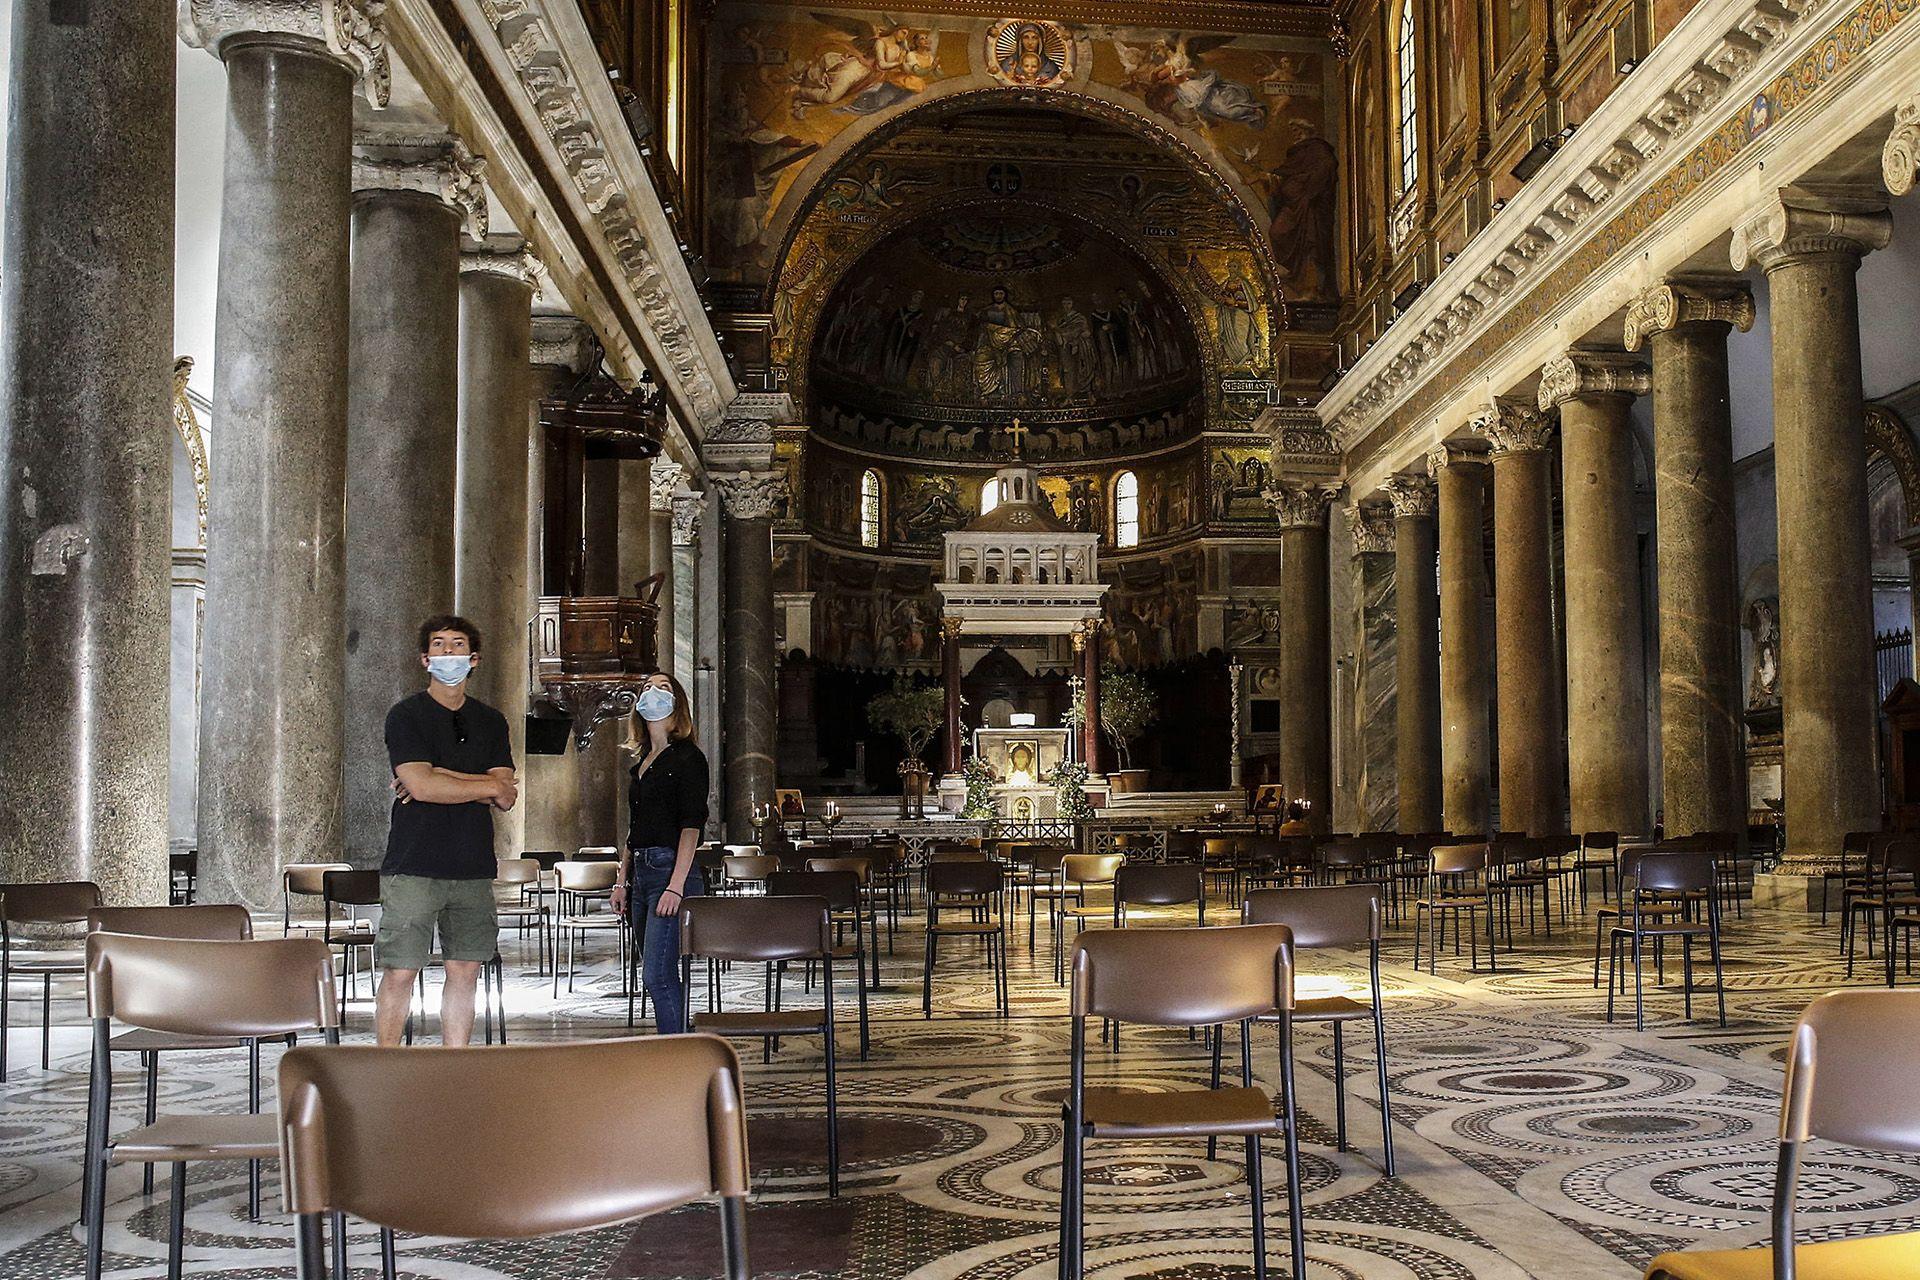 Egymástól biztonságos távolságra elhelyezett székek a Szent Mária-bazilikában